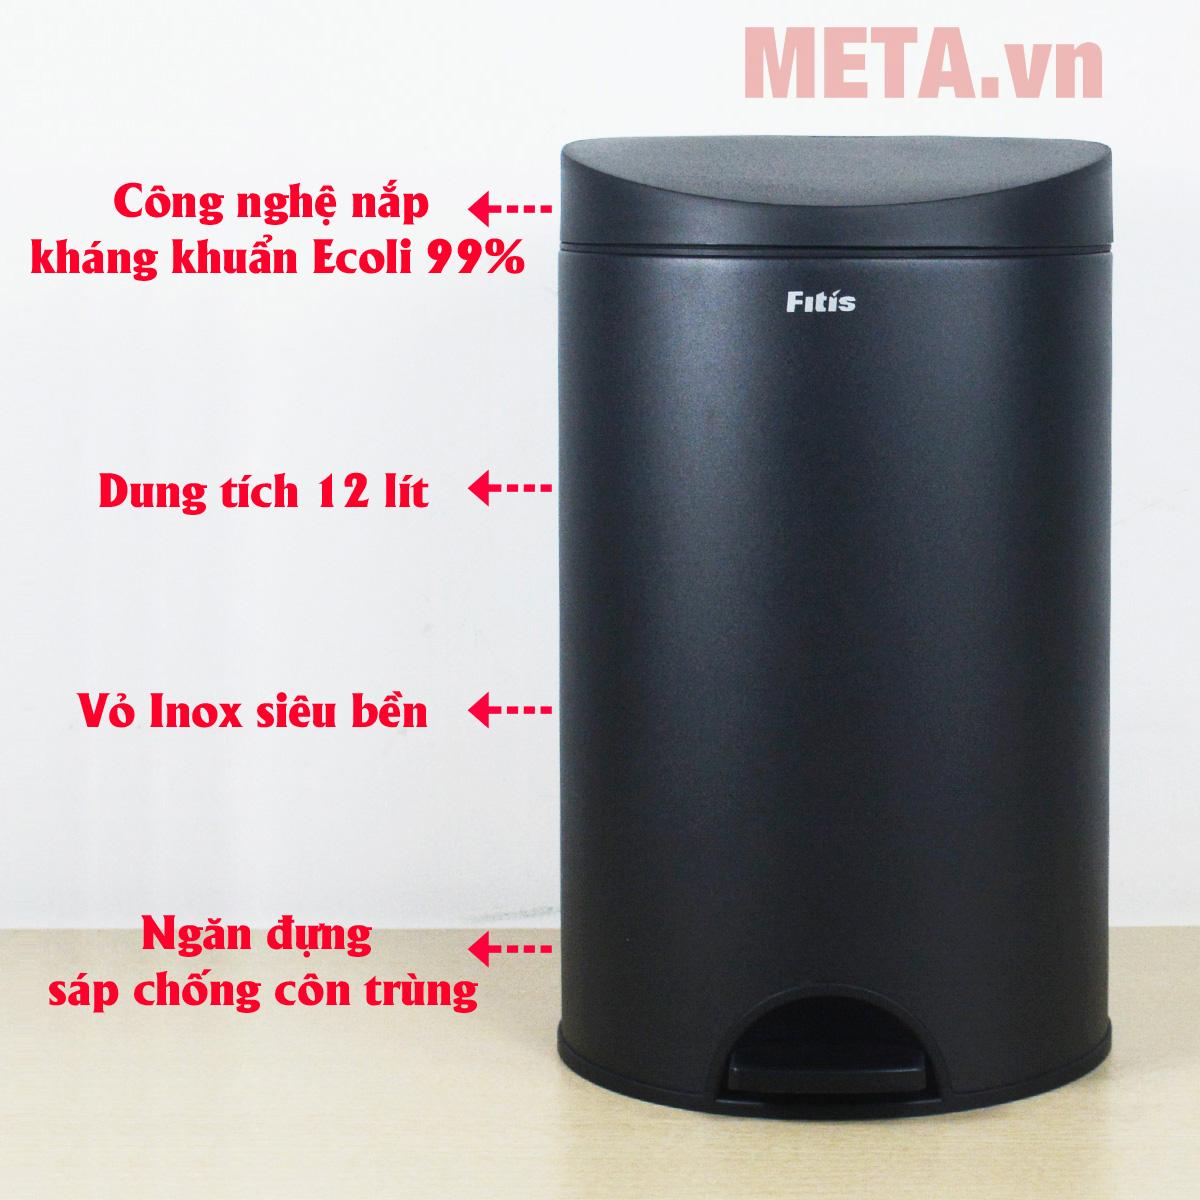 Thùng rác inox Fitis RPS1-903 mở nắp bằng cách đạp chân